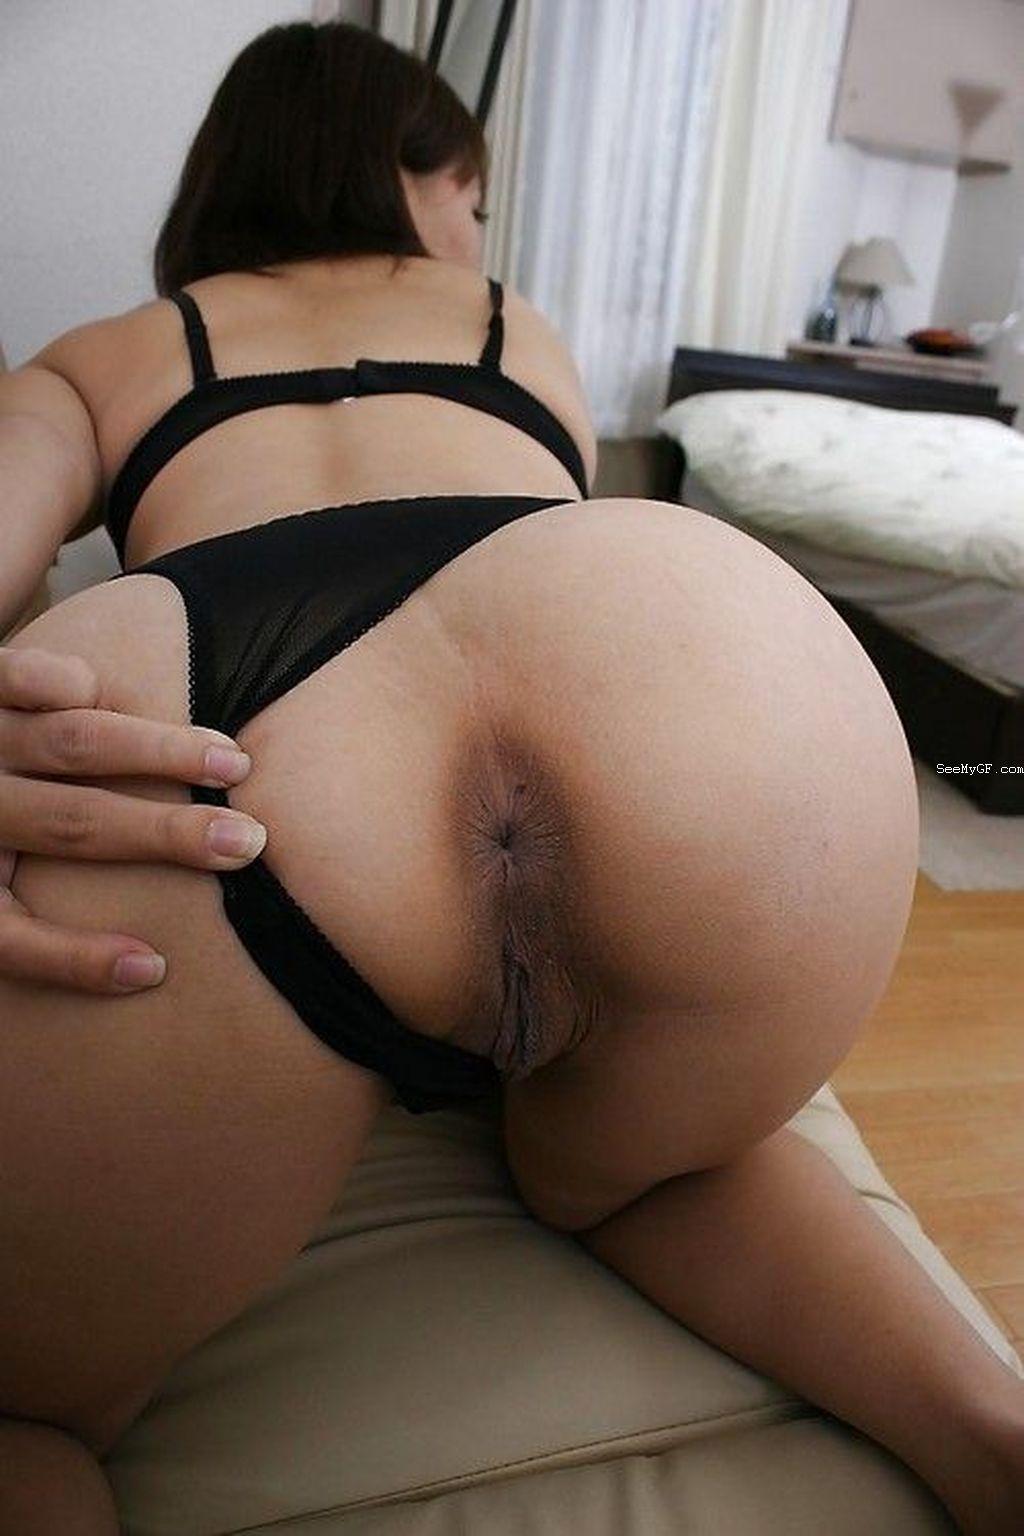 сочная попка мама порно фото